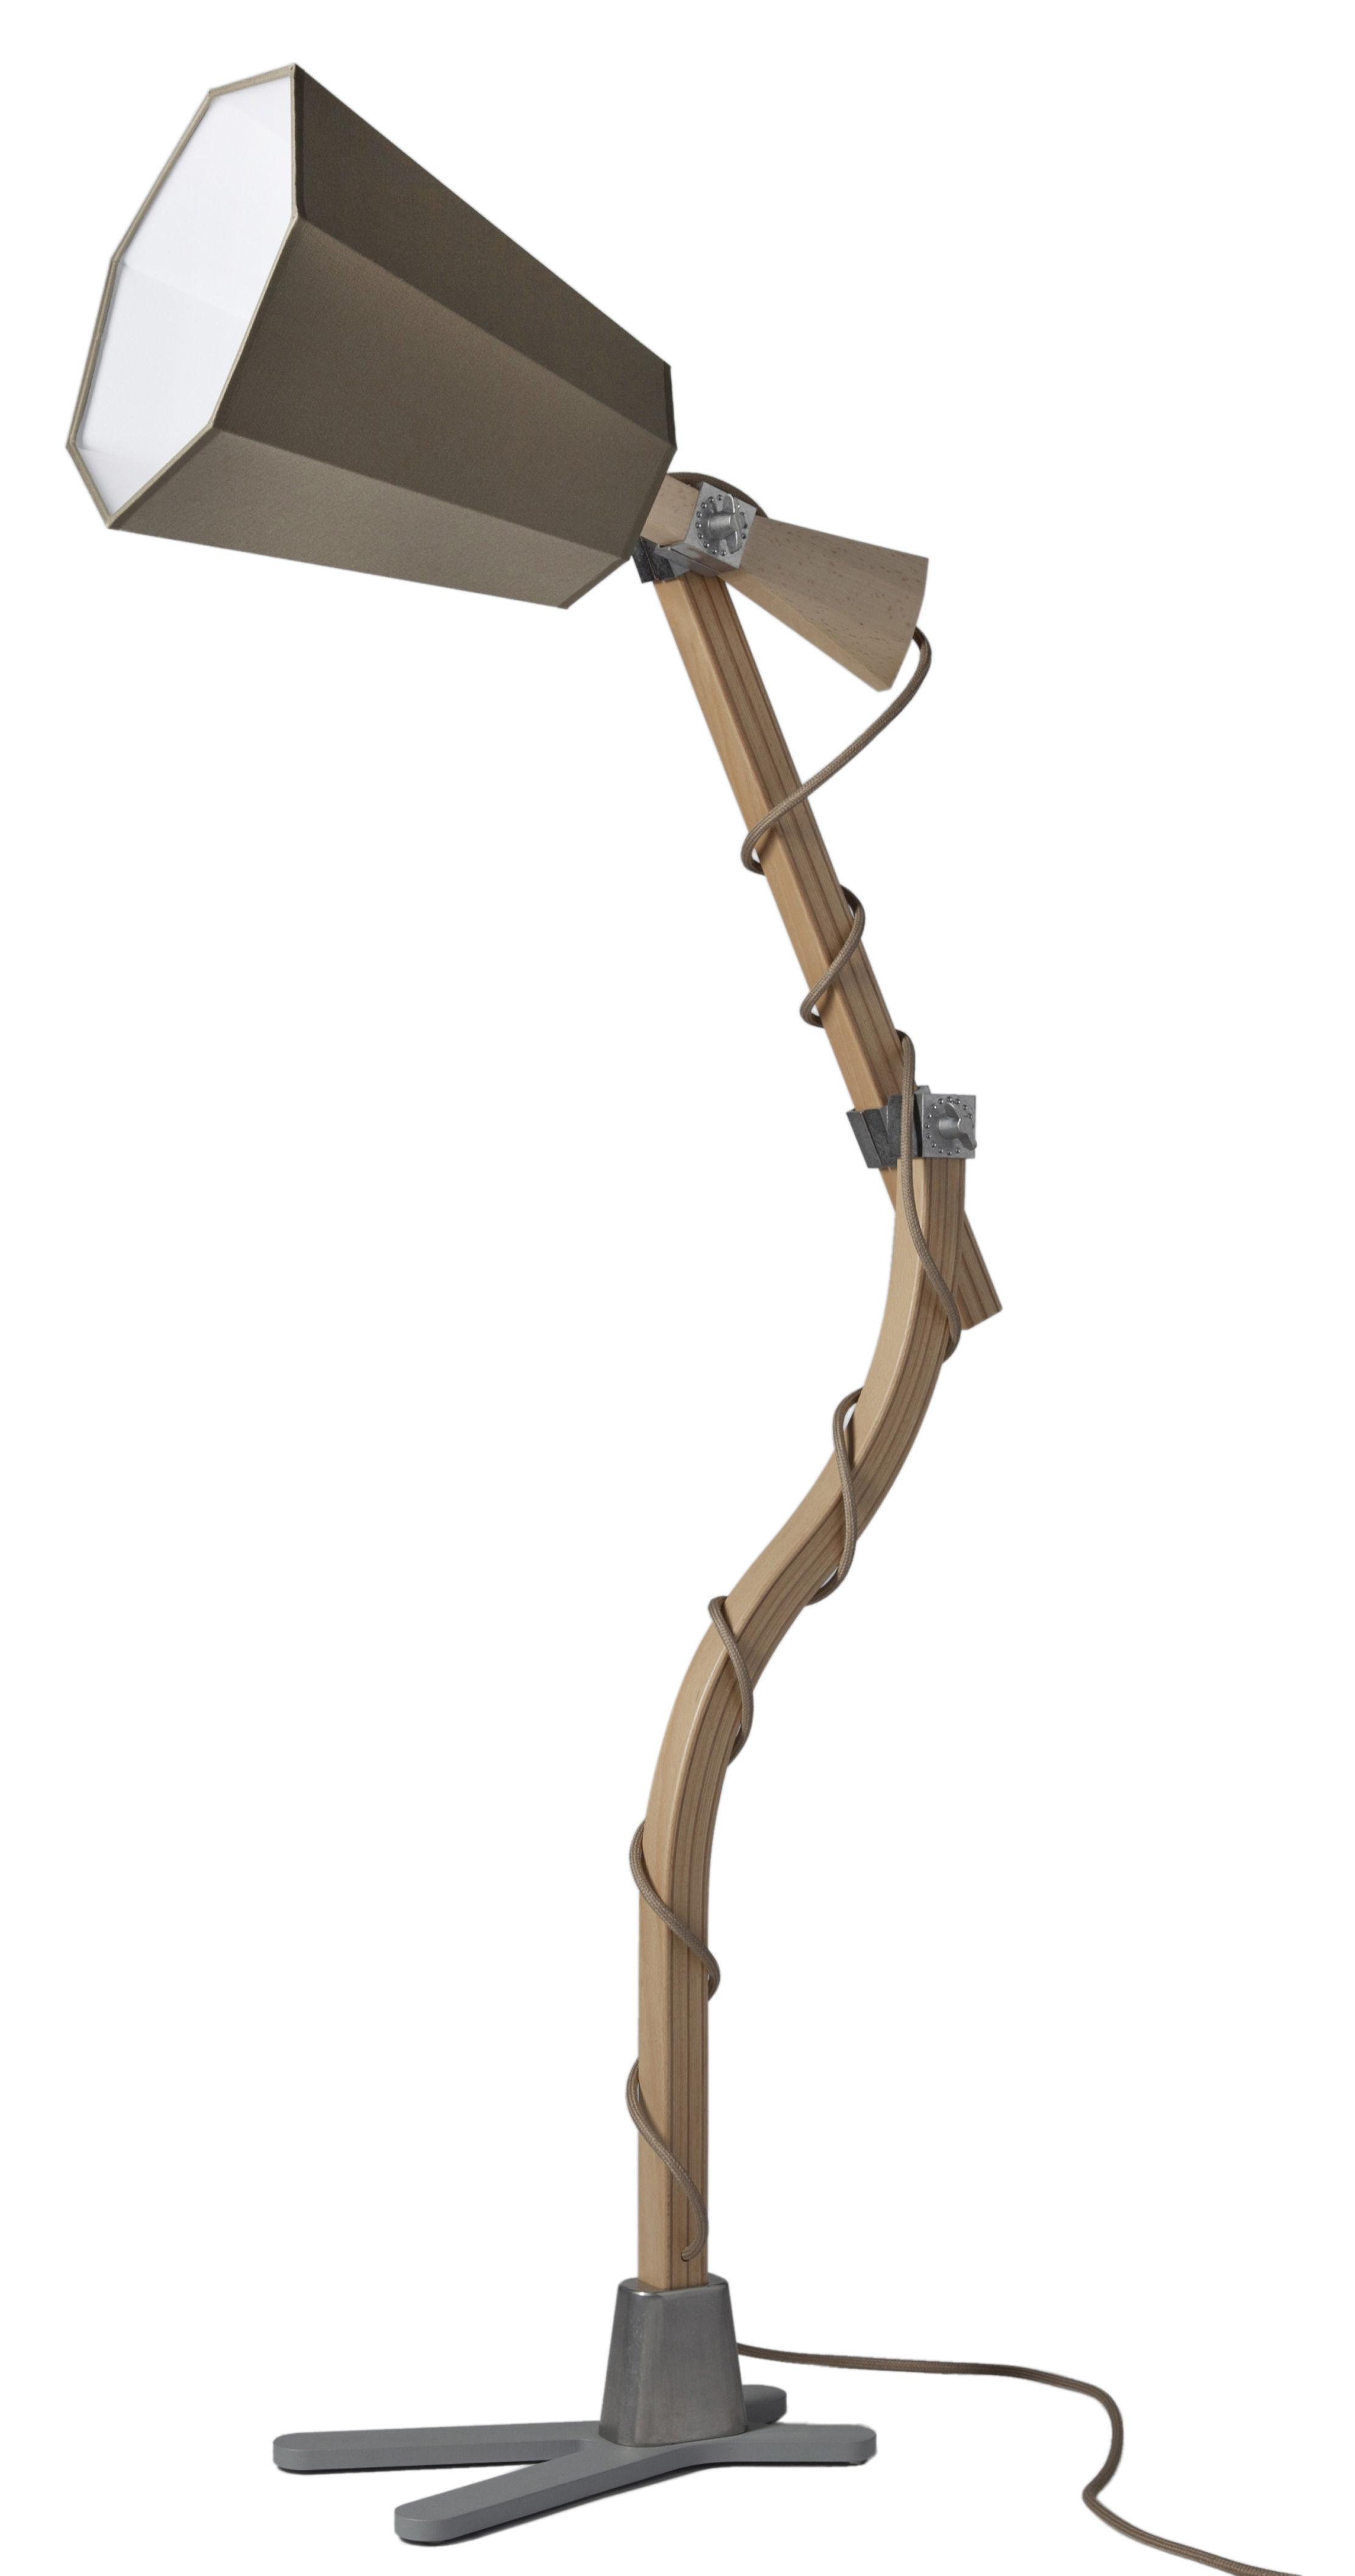 Leuchten - Tischleuchten - LuXiole Tischleuchte H 88 cm - Designheure - Lampenschirm khaki / Innenseite weiß - Baumwolle, Buchenfurnier, lackierter Stahl